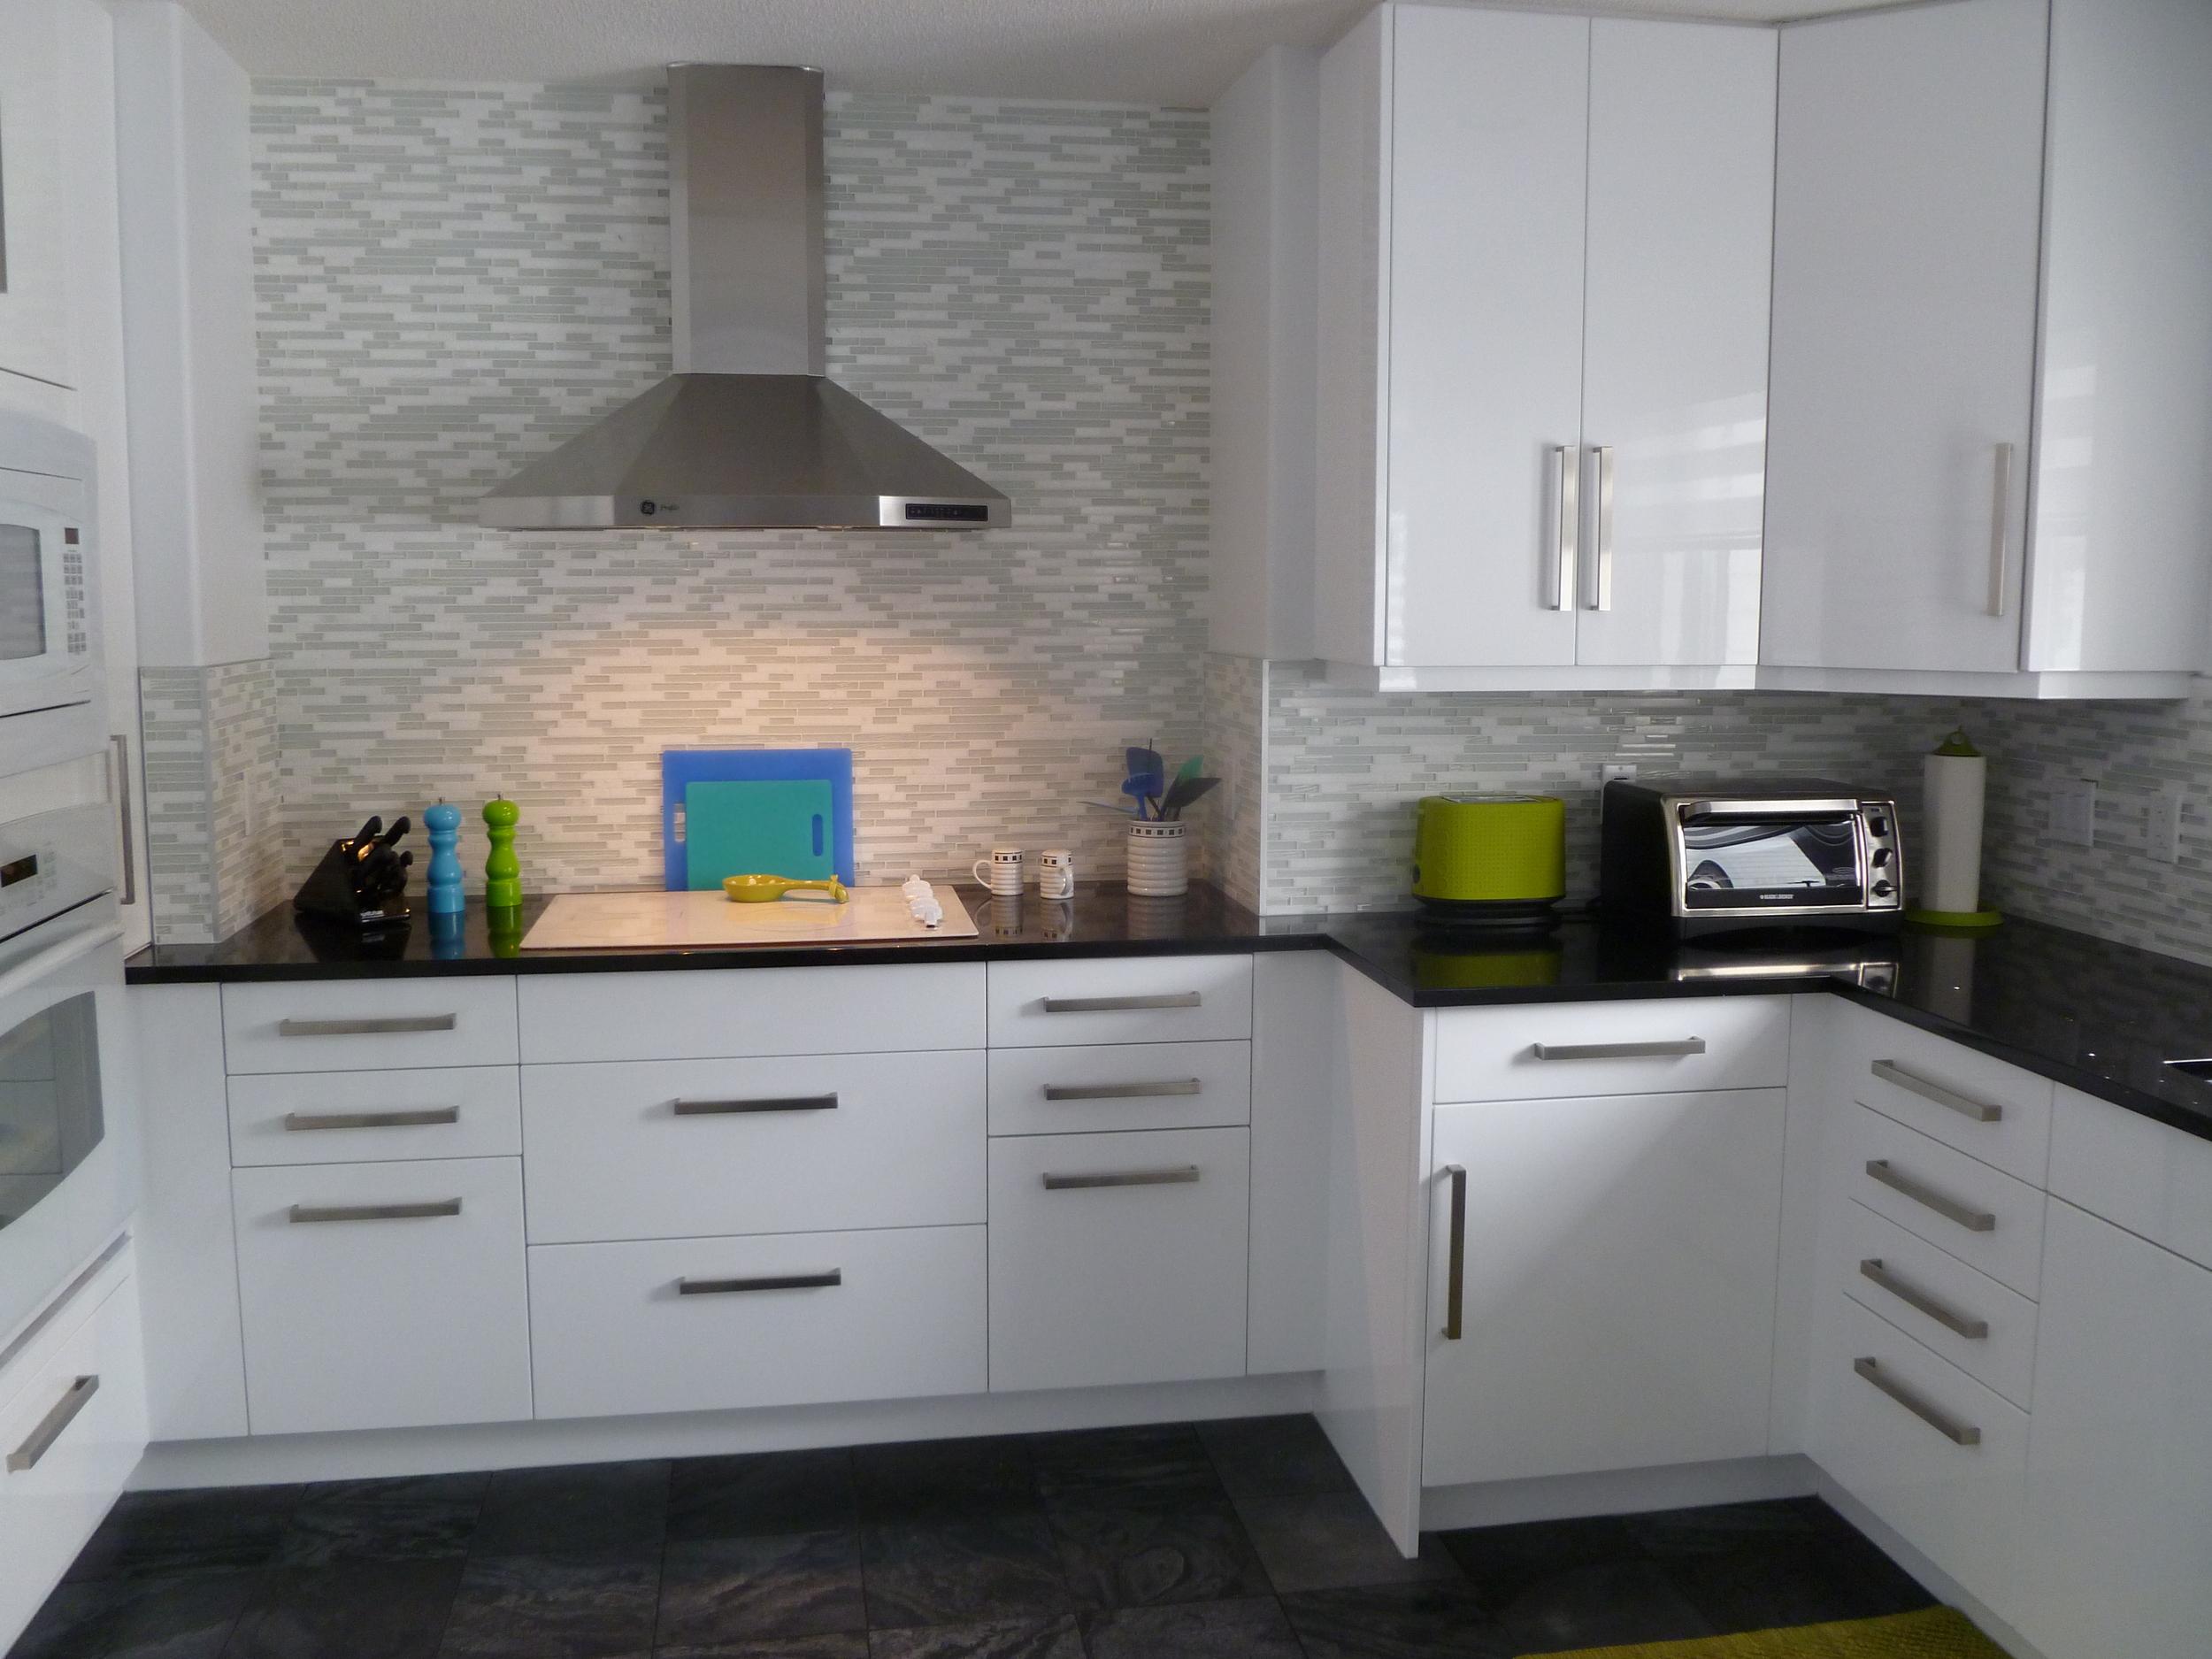 Terwillegar Kitchen Renovation